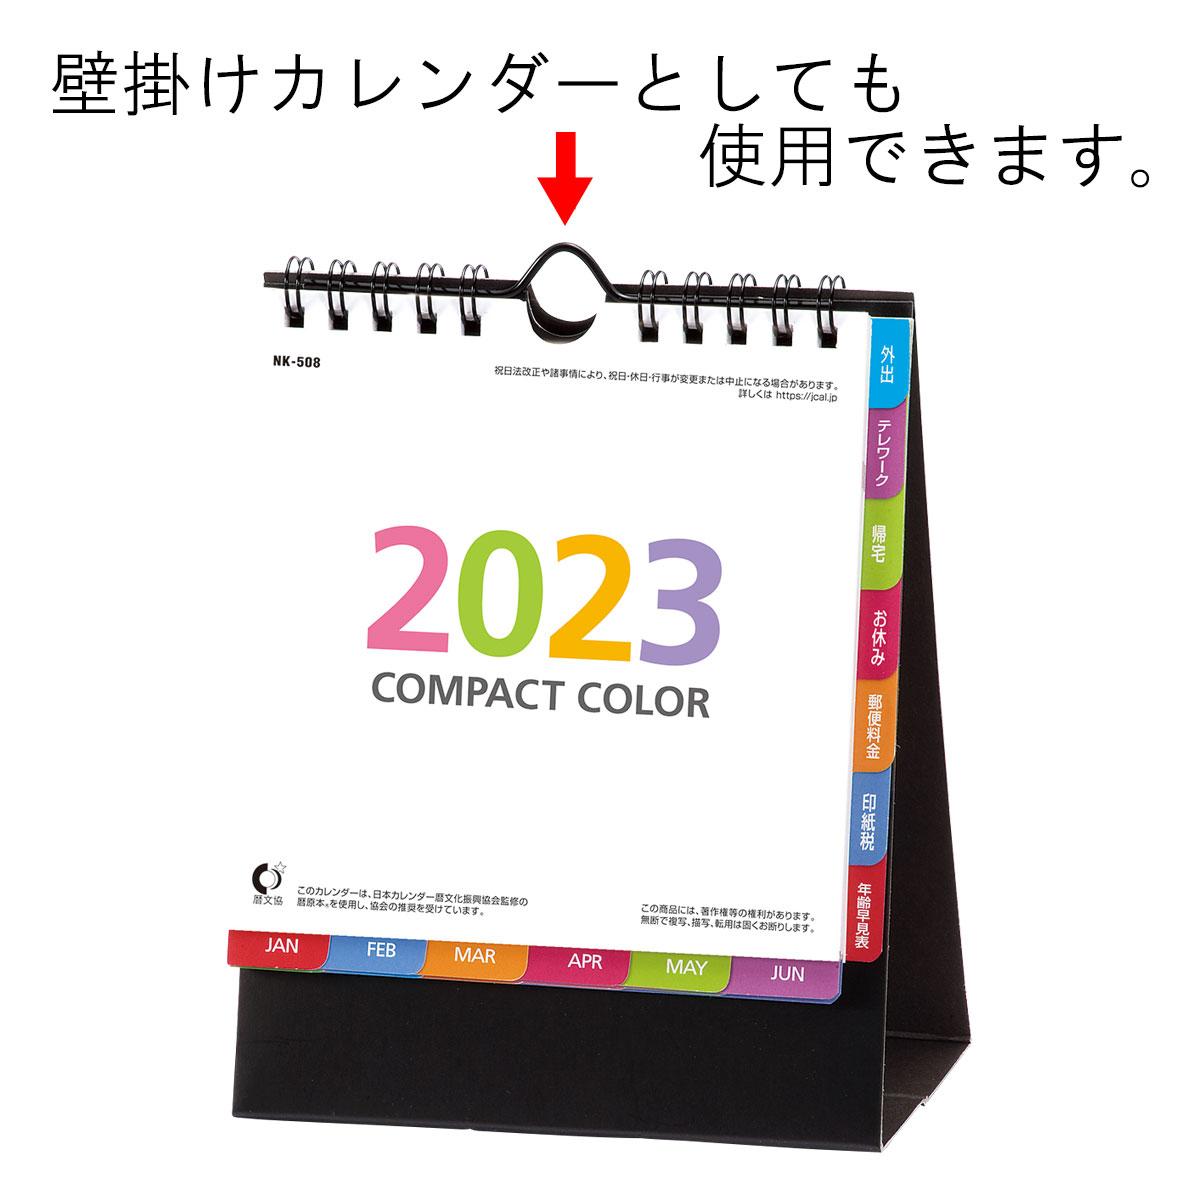 卓上カレンダー COMPACT COLOR(コンパクトカラー)